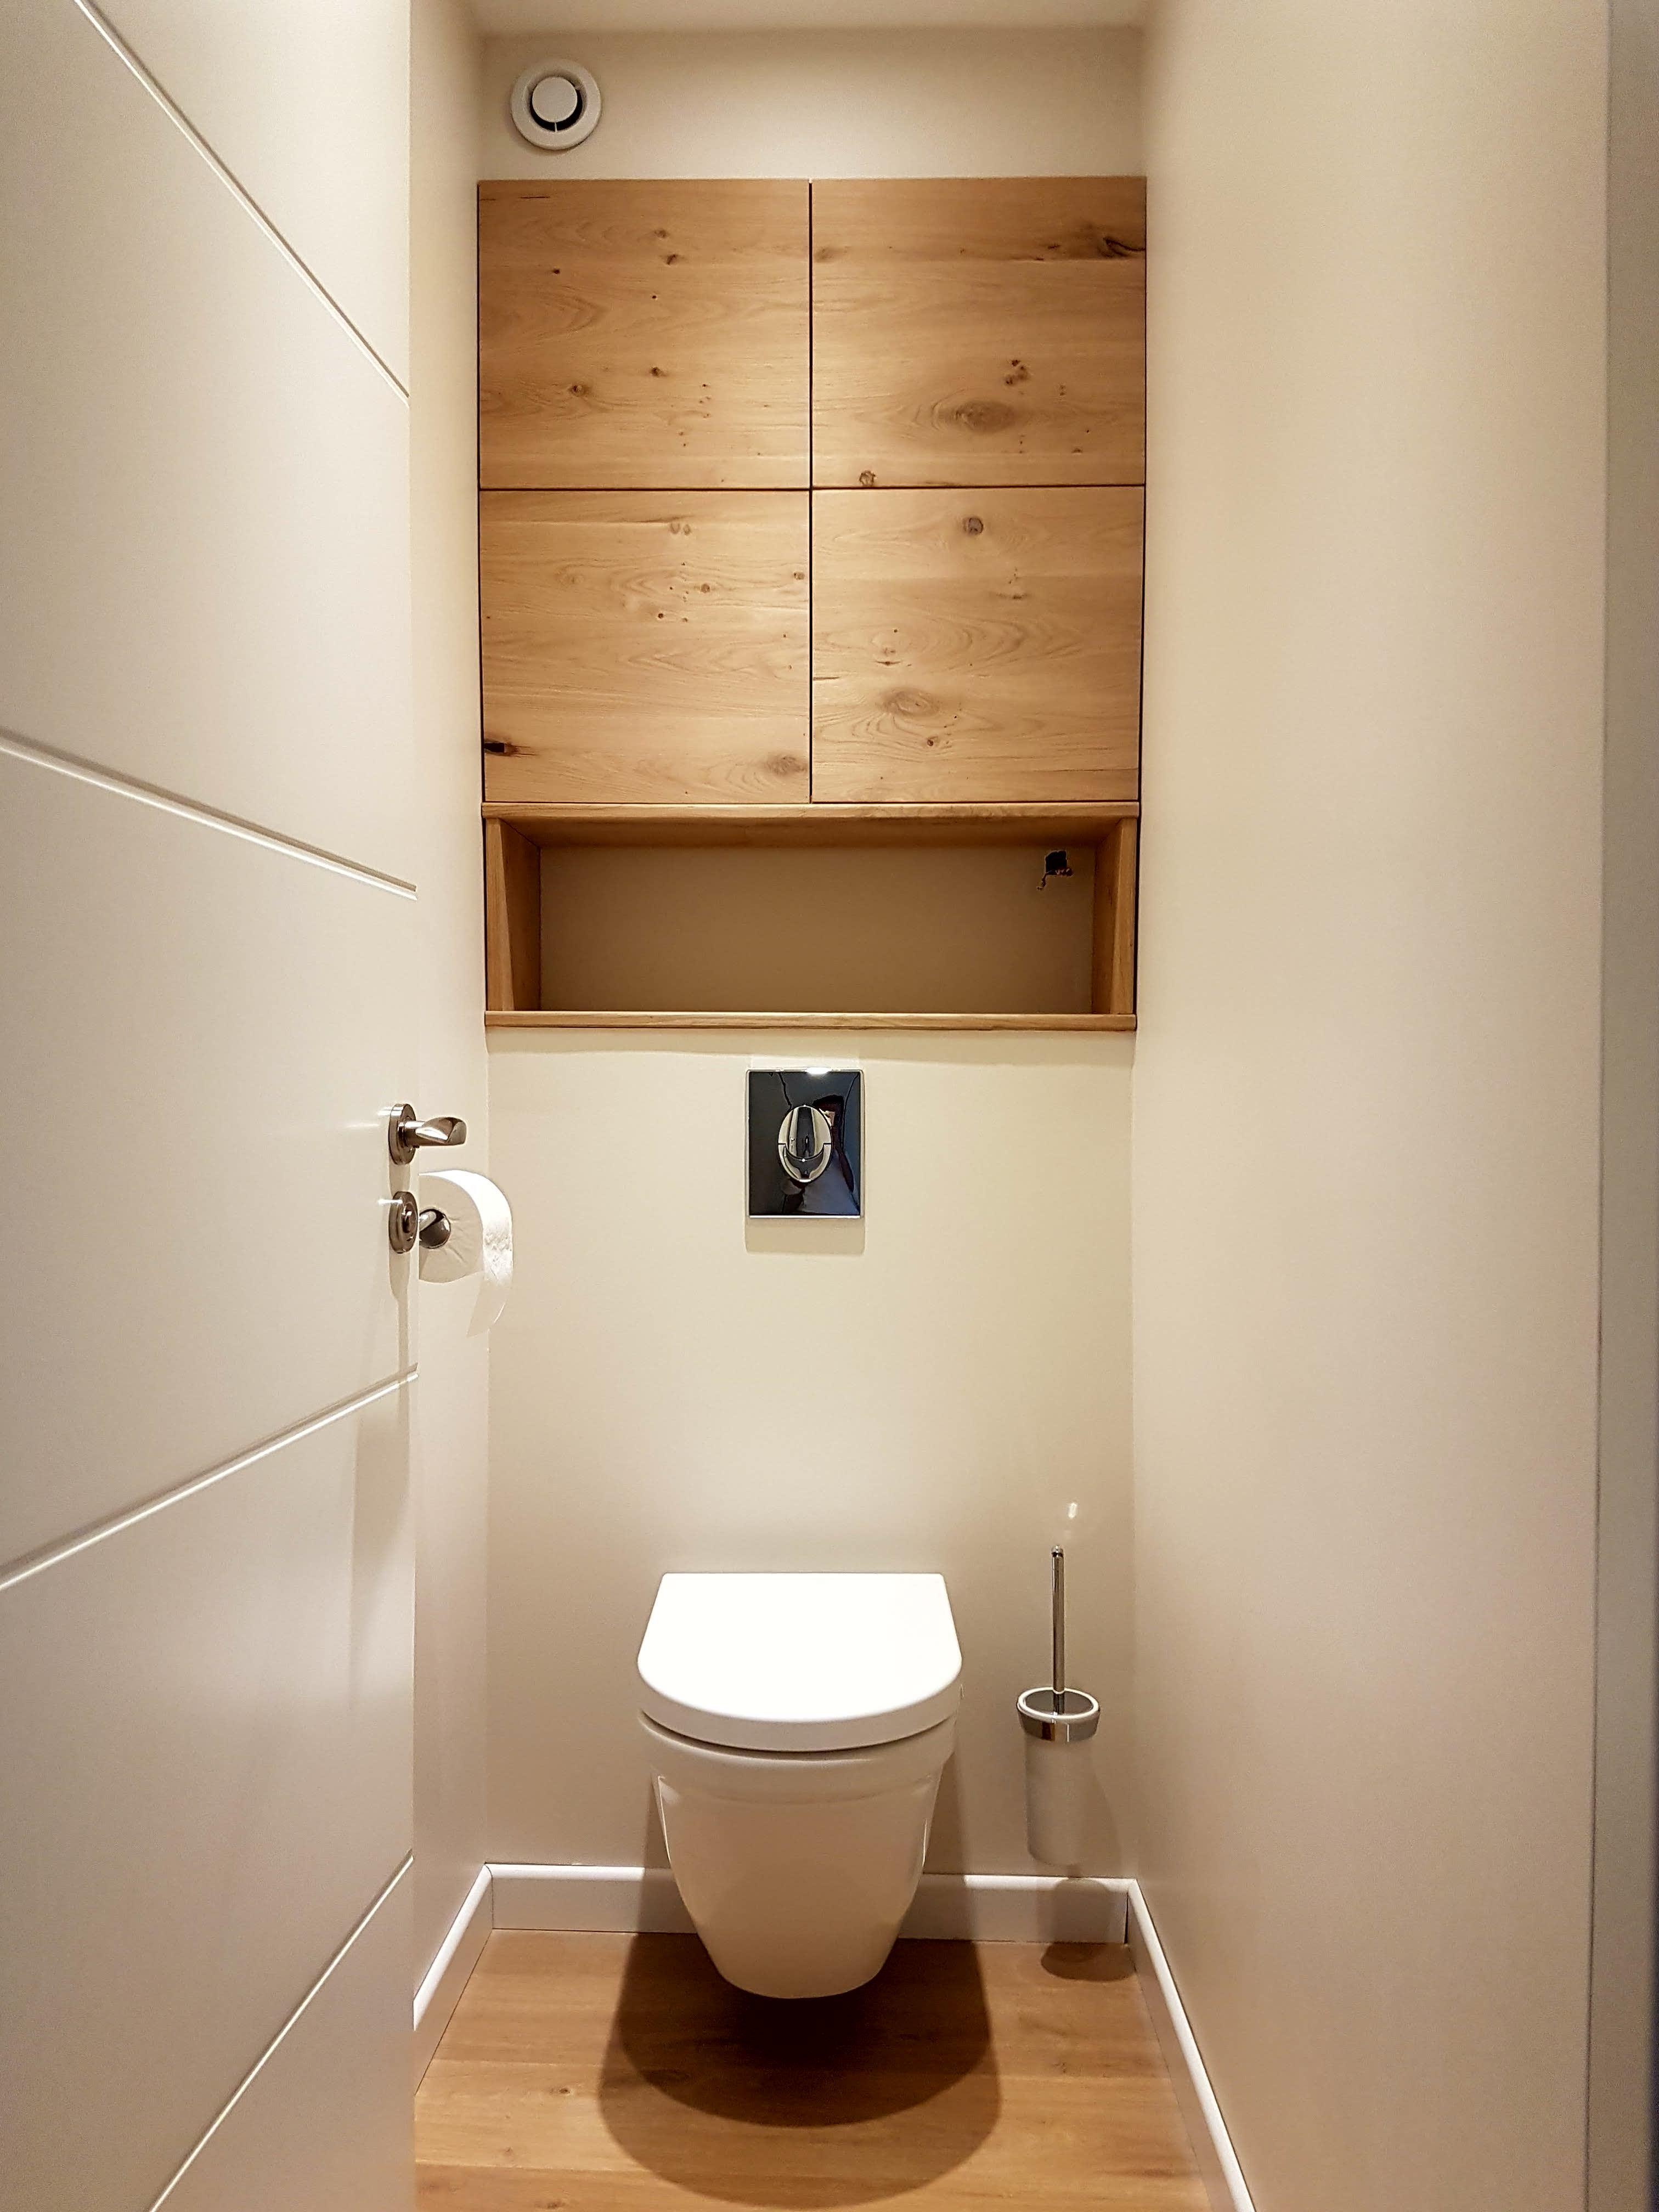 placard menuis sur mesure en ch ne massif avec syst me d 39 ouverture fermeture en pousse l che. Black Bedroom Furniture Sets. Home Design Ideas